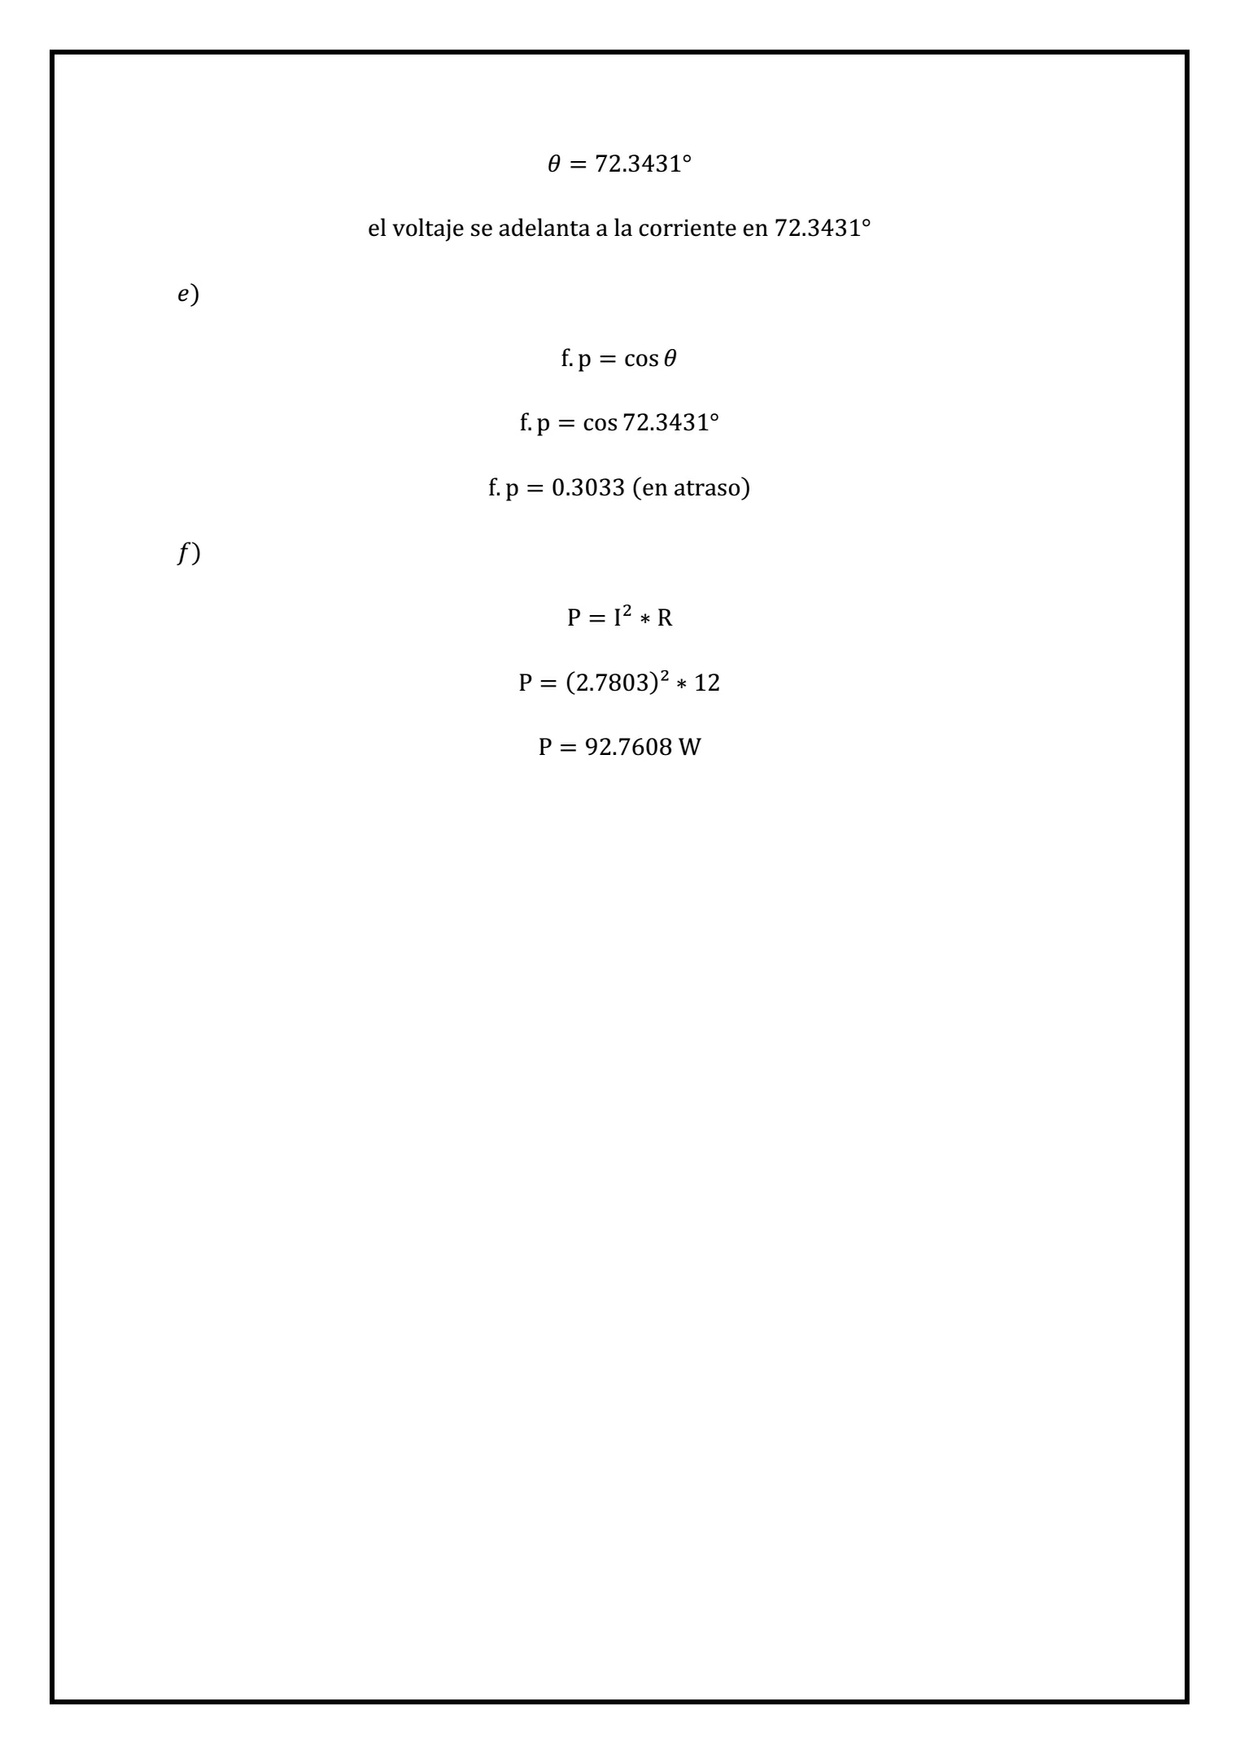 Solucionario de Física General de Schaum - Capítulo 35 - Corriente Alterna